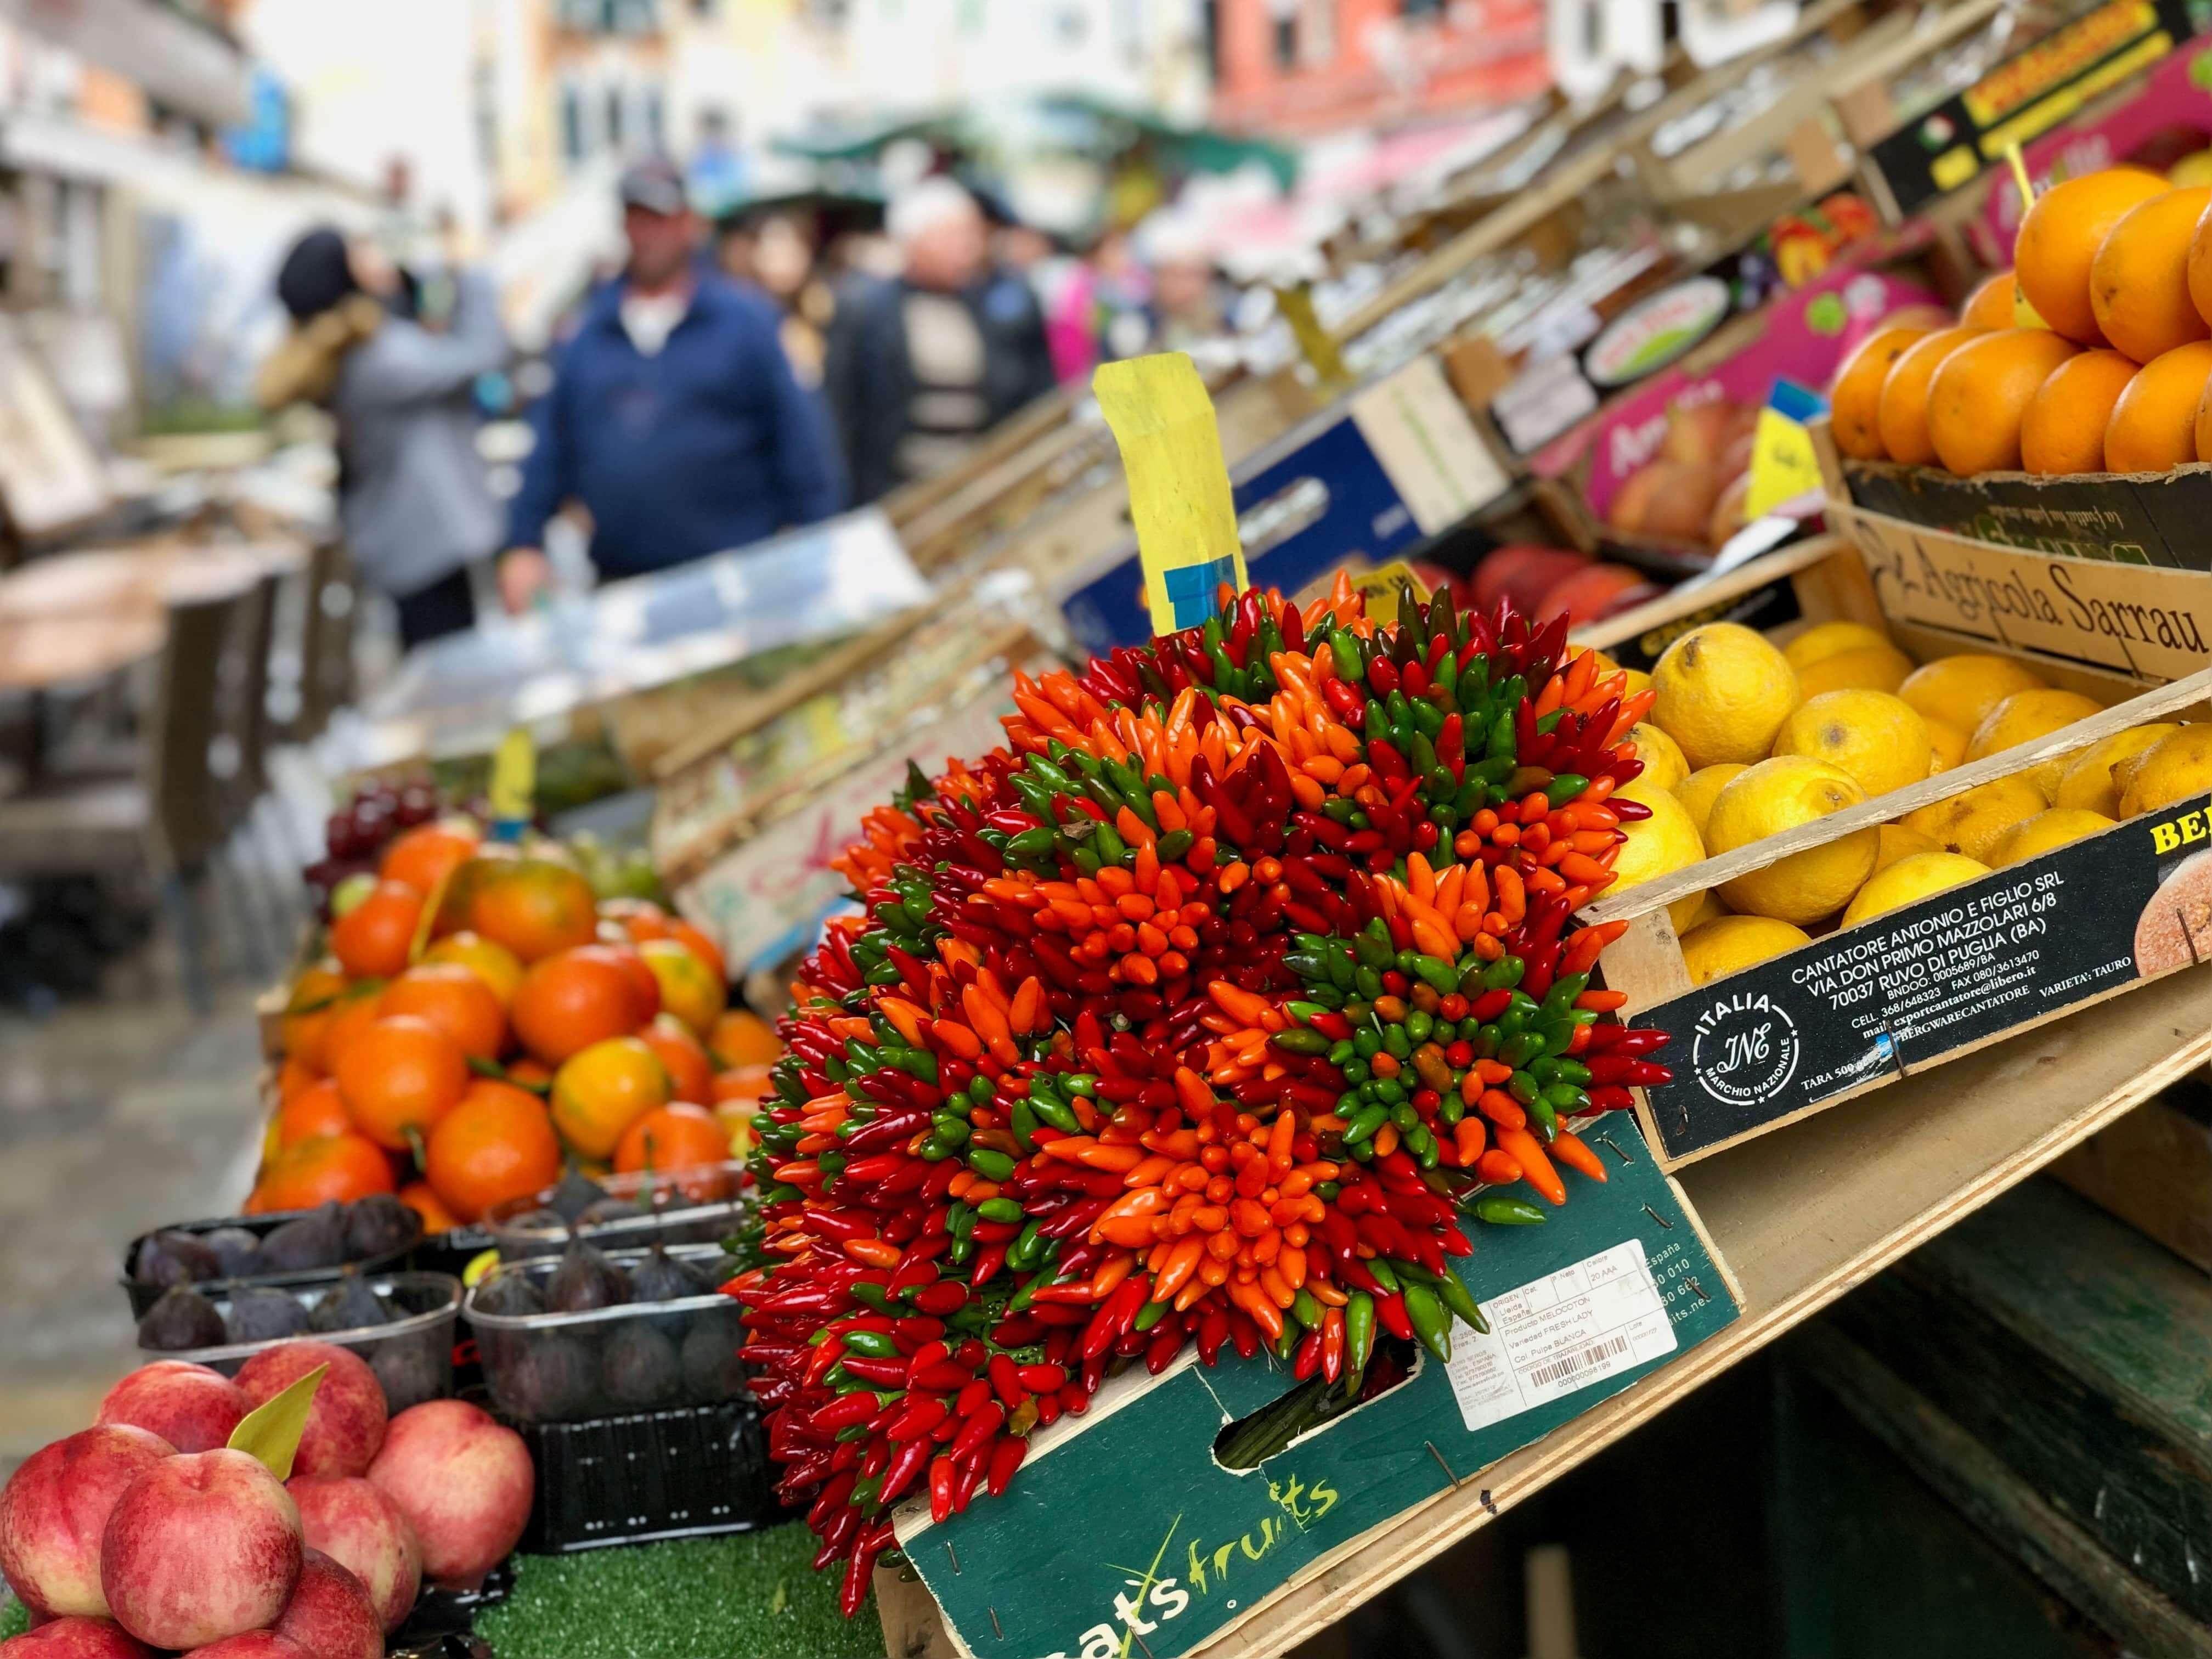 Food market Venice